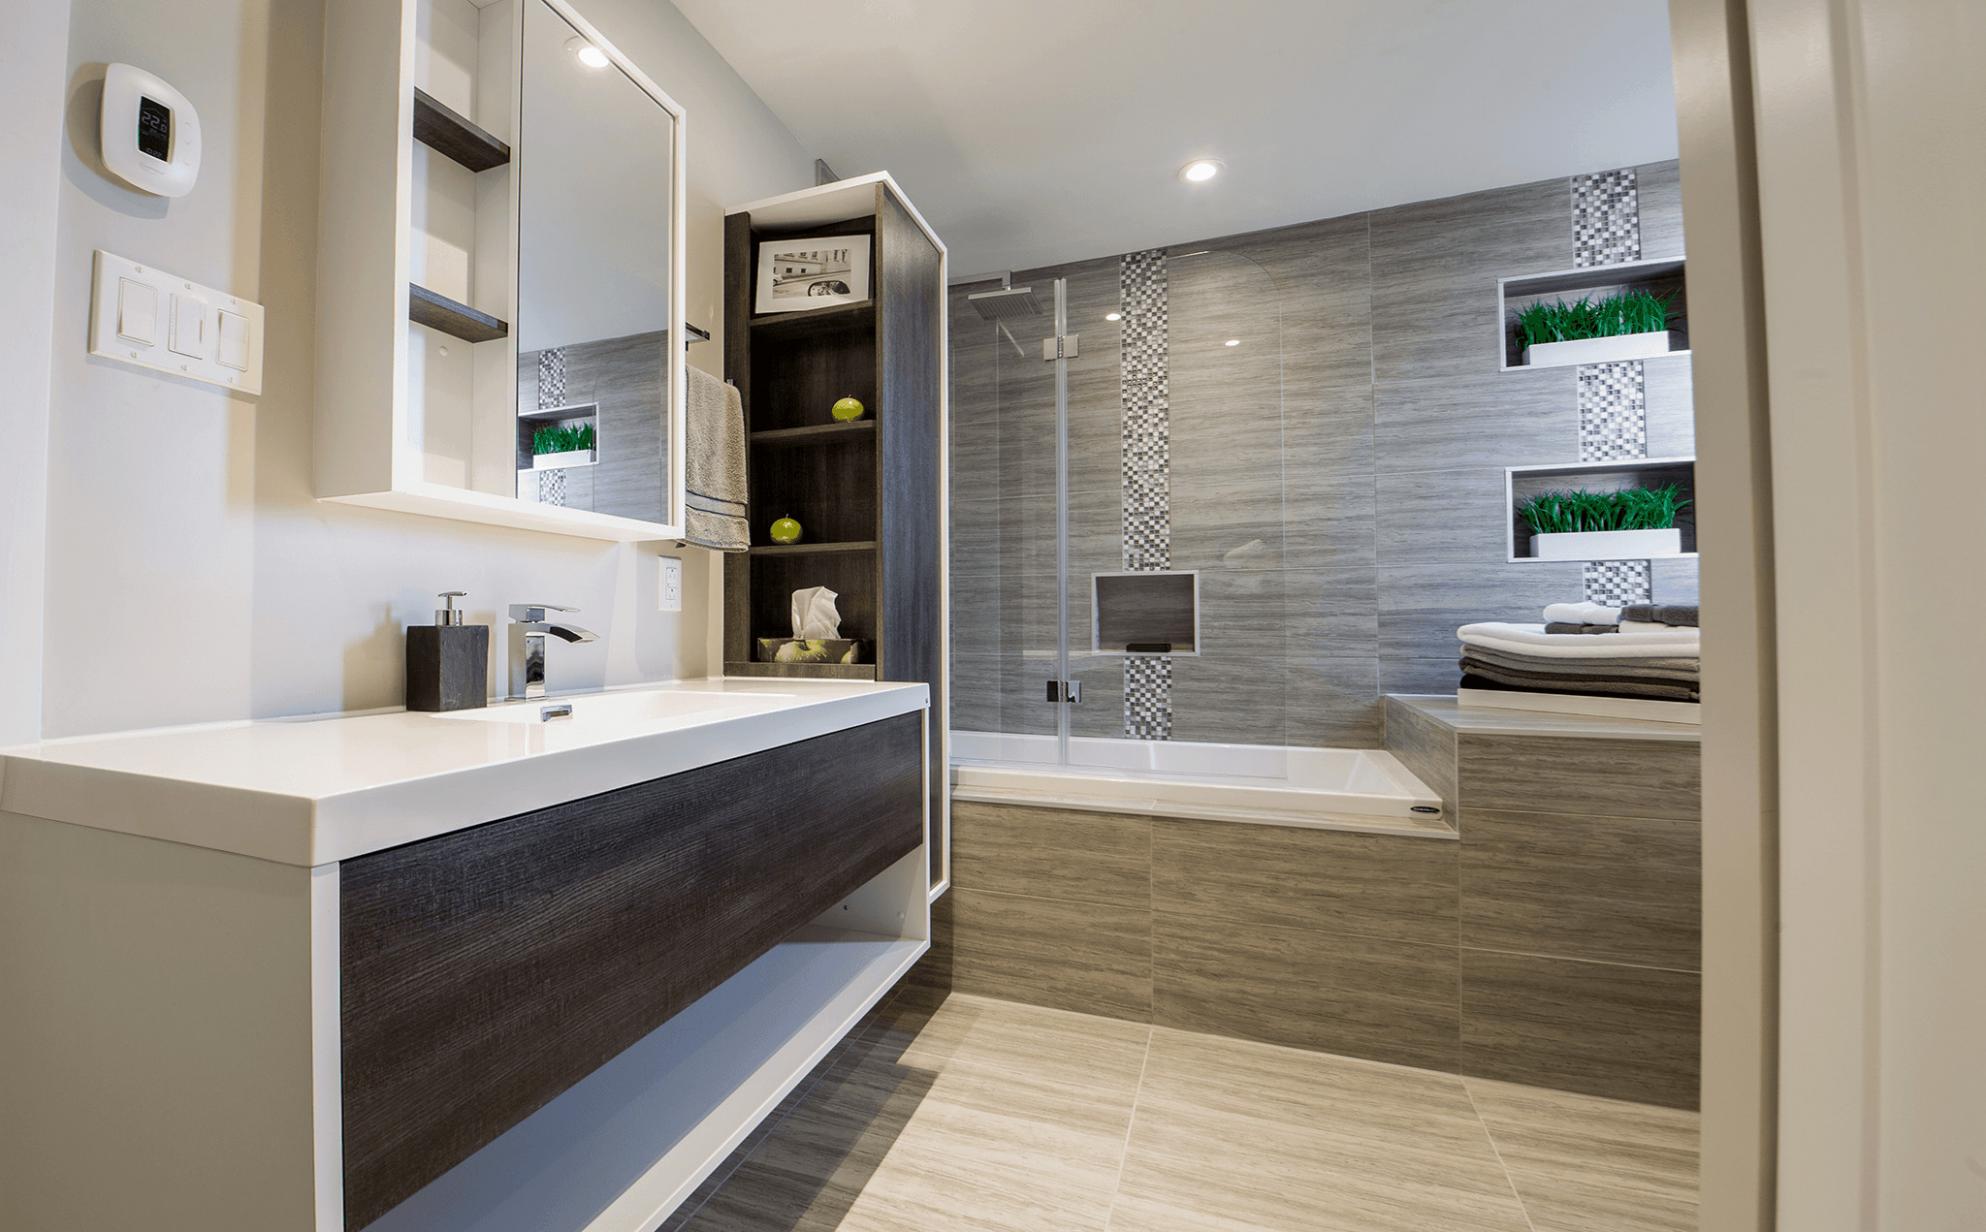 Refaire Une Petite Salle De Bain Pas Cher Etourdissement Renover Ikea